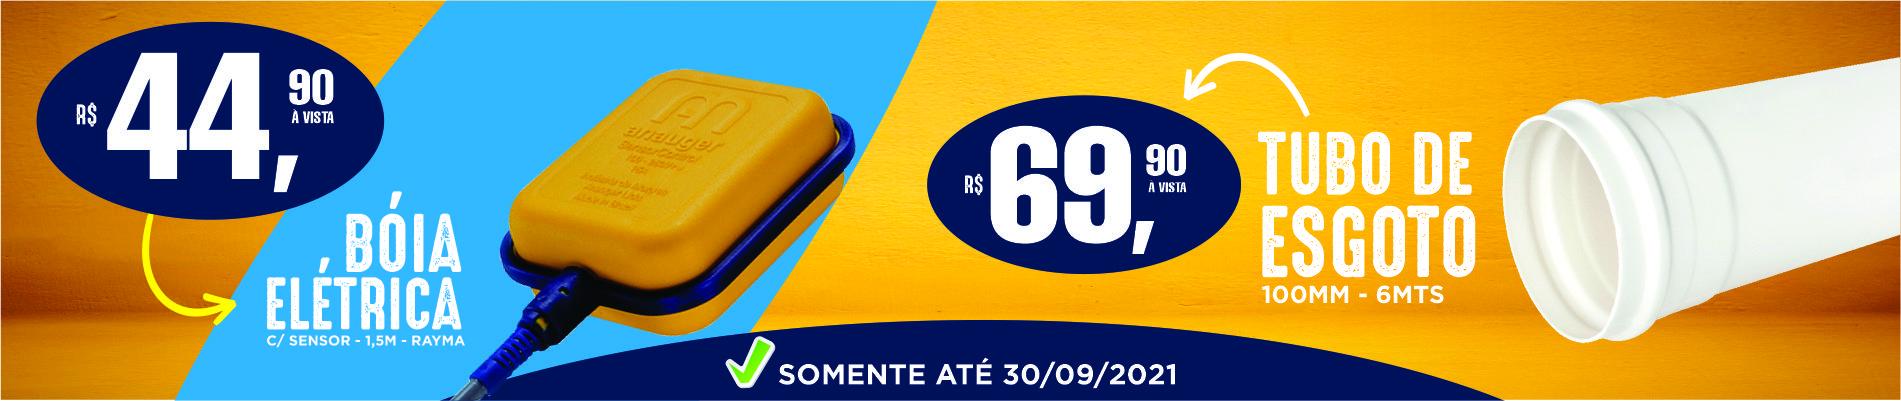 Banner Boia Elétrica/ Tubo